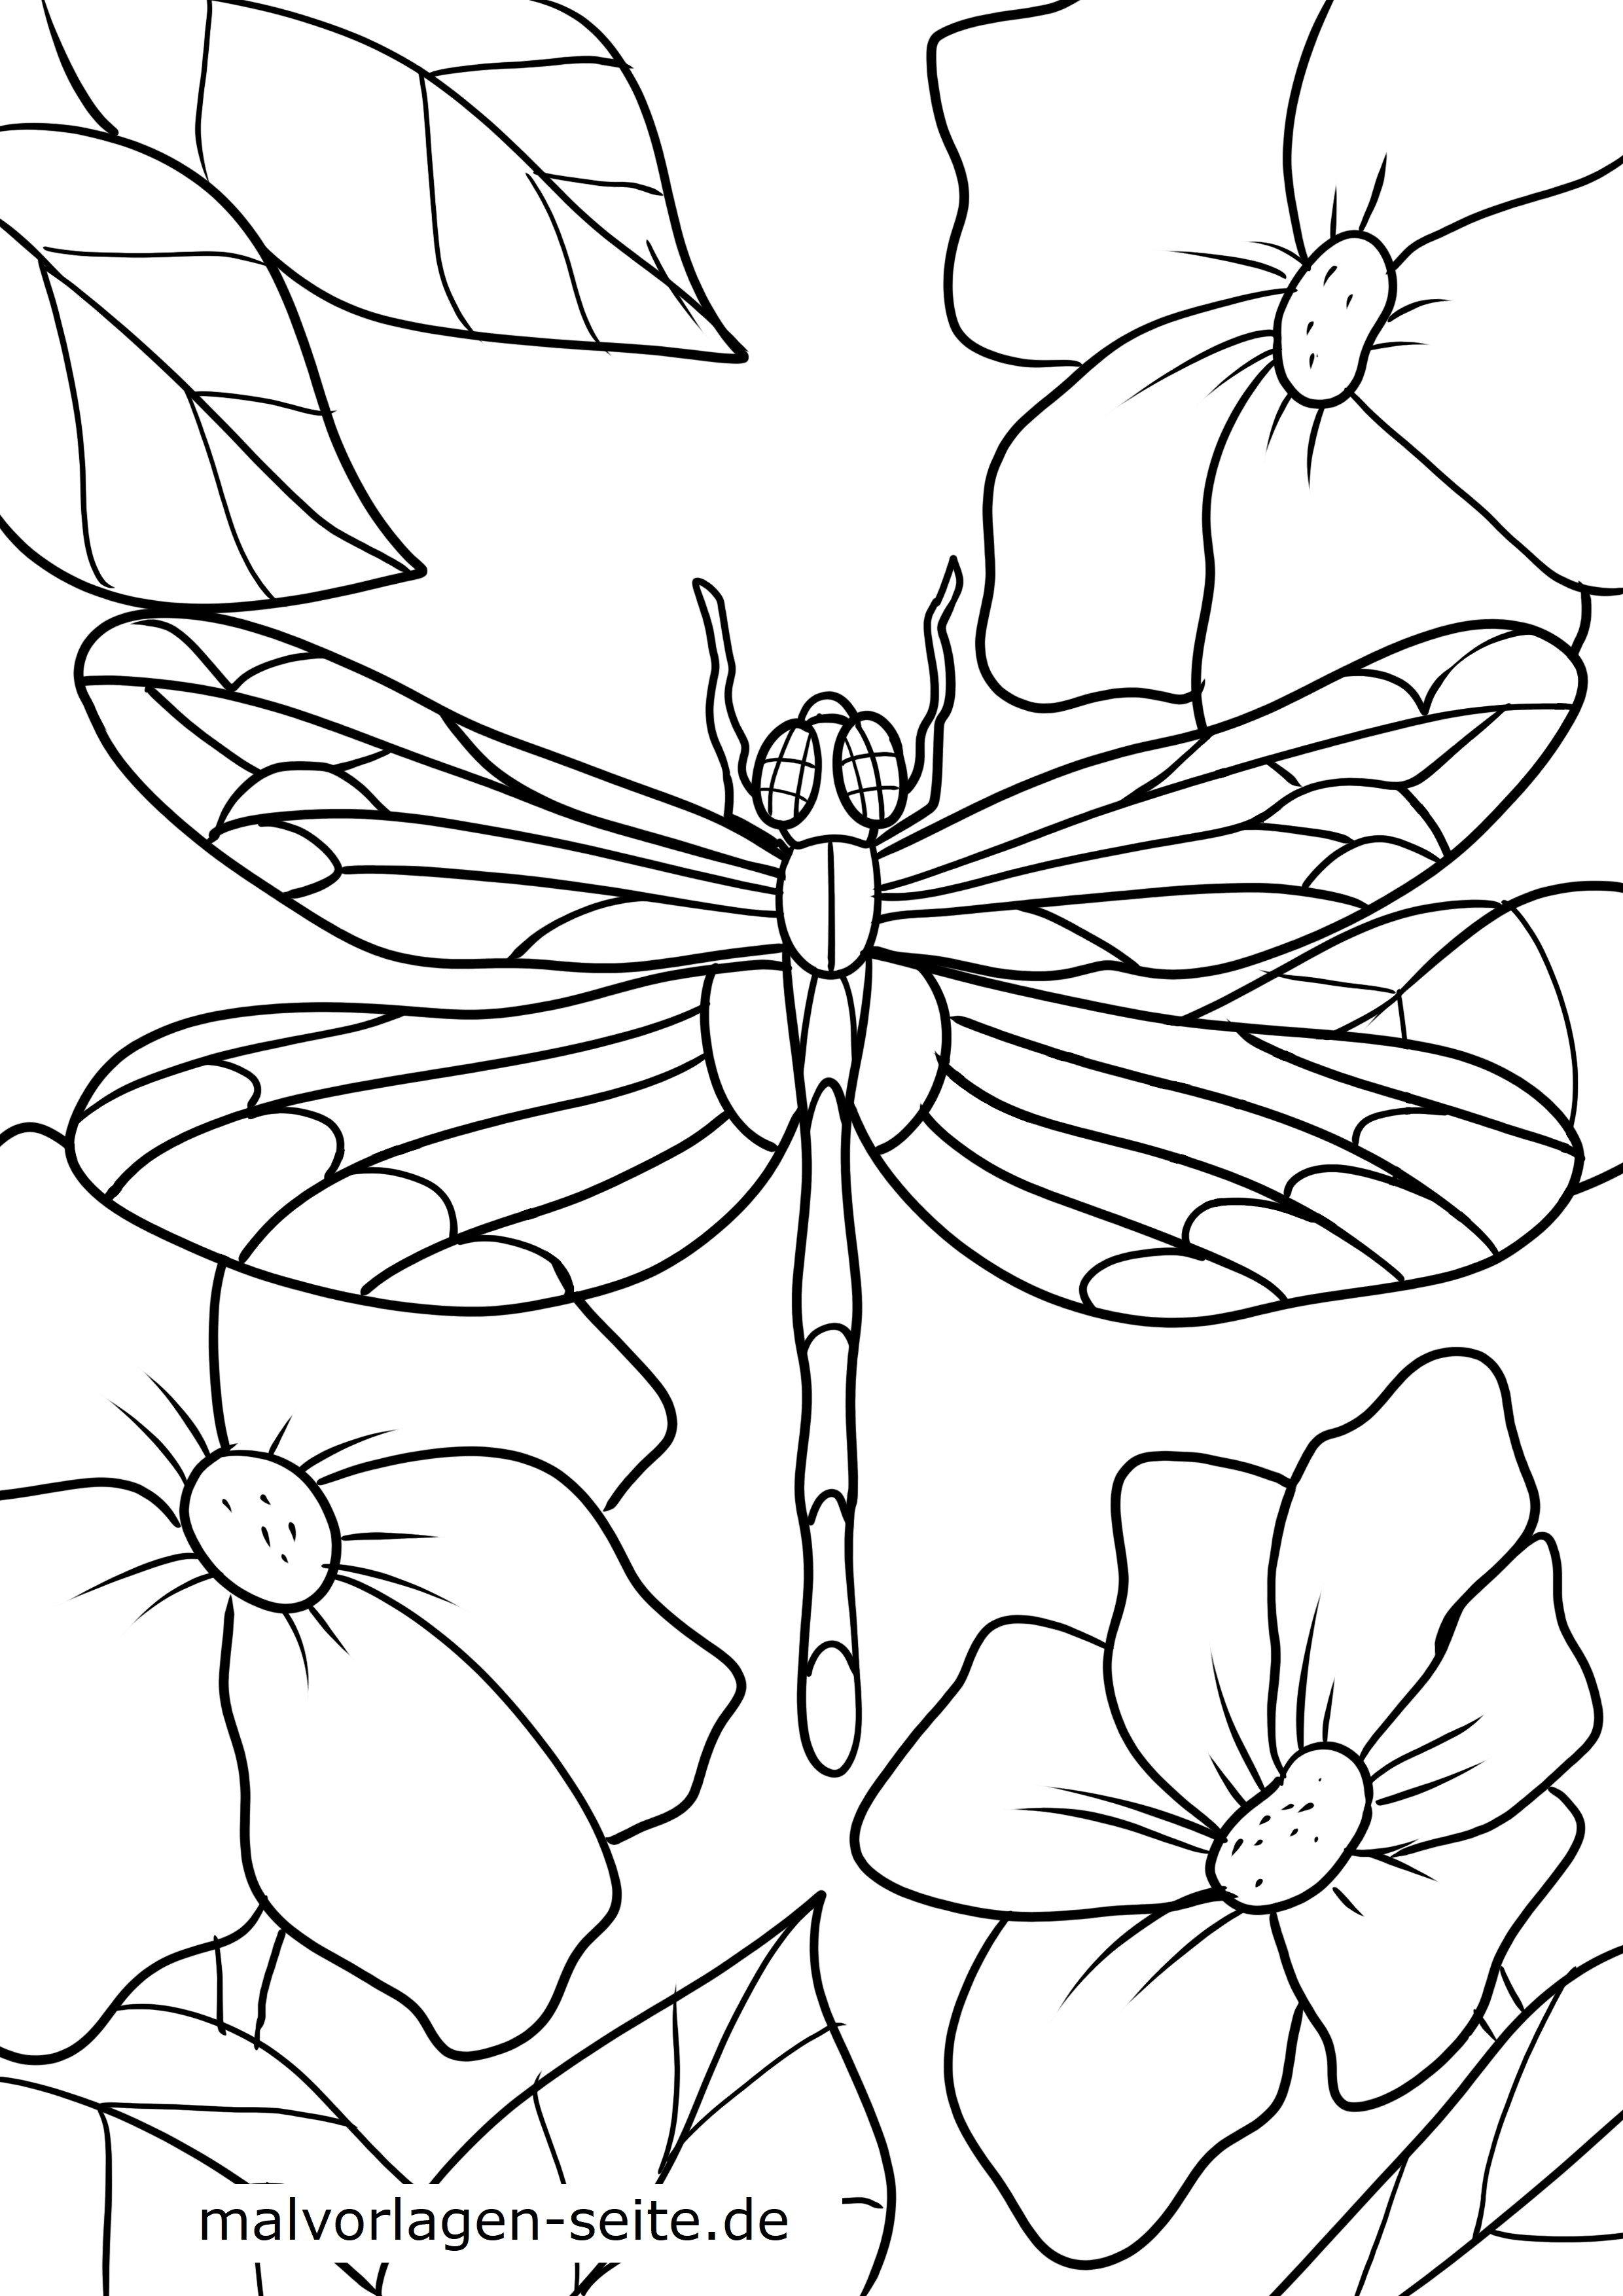 malvorlage libelle  tiere  kostenlose ausmalbilder